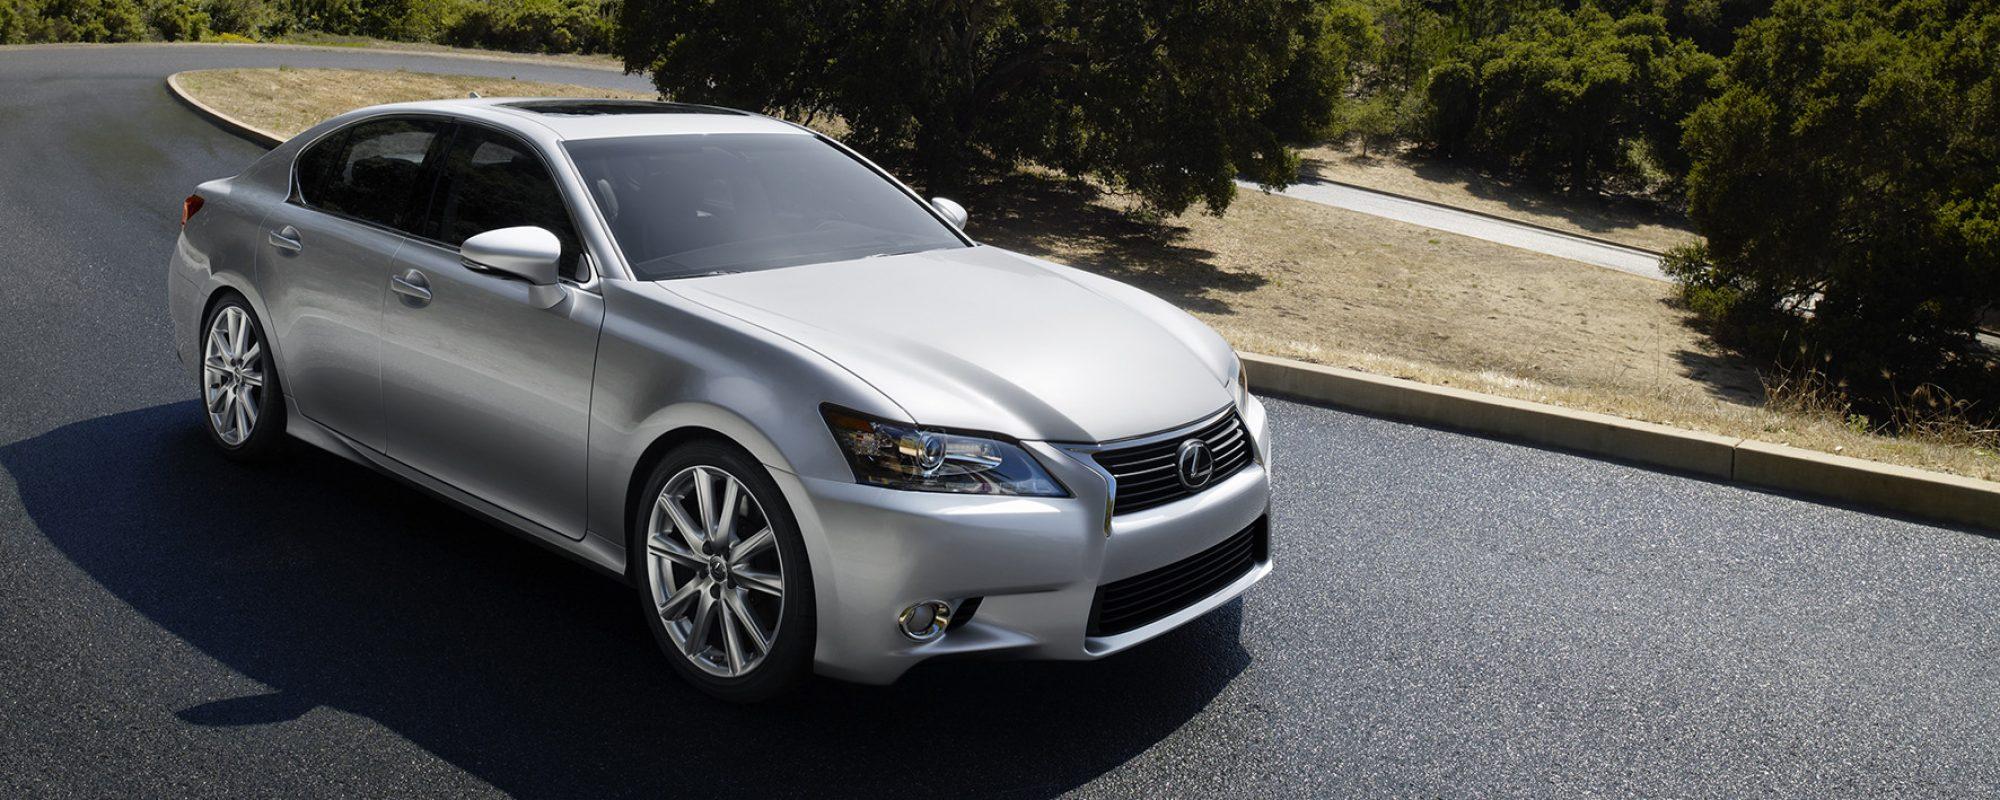 Lexus GS 450h Hybrid meest waardevast